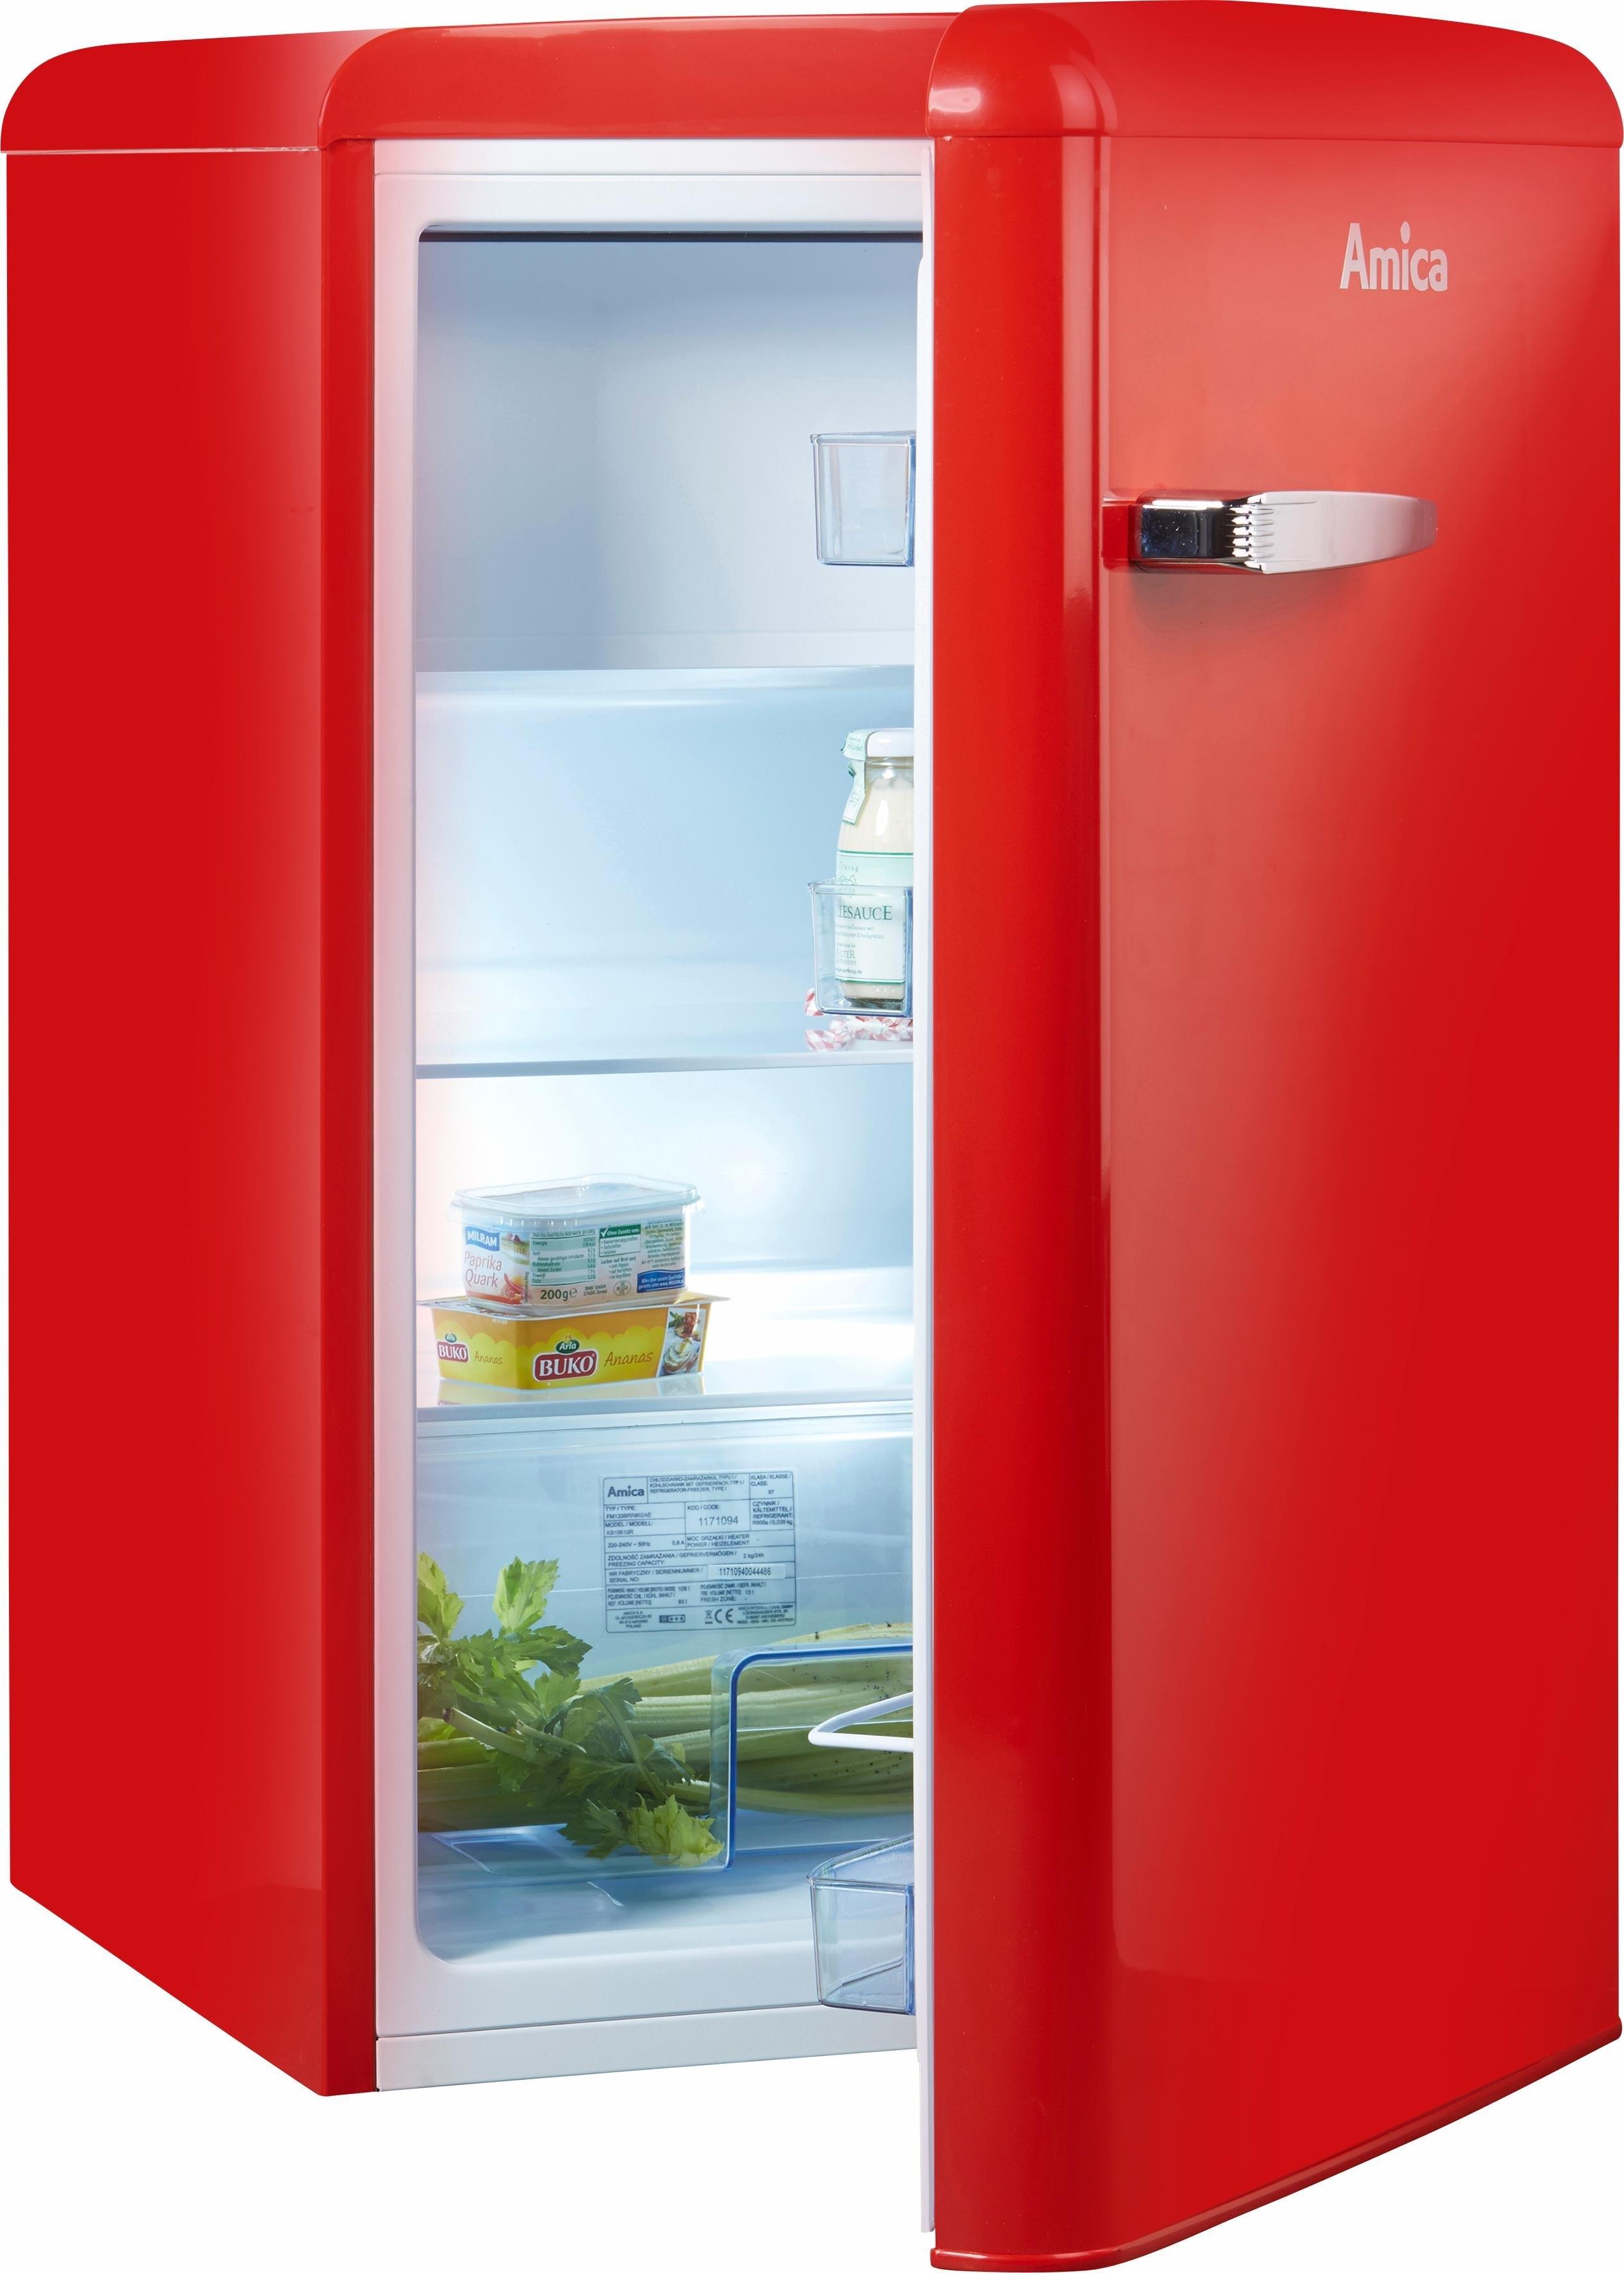 Amica koelkast KS 15614 S, A++, 86 cm hoog in de webshop van OTTO kopen